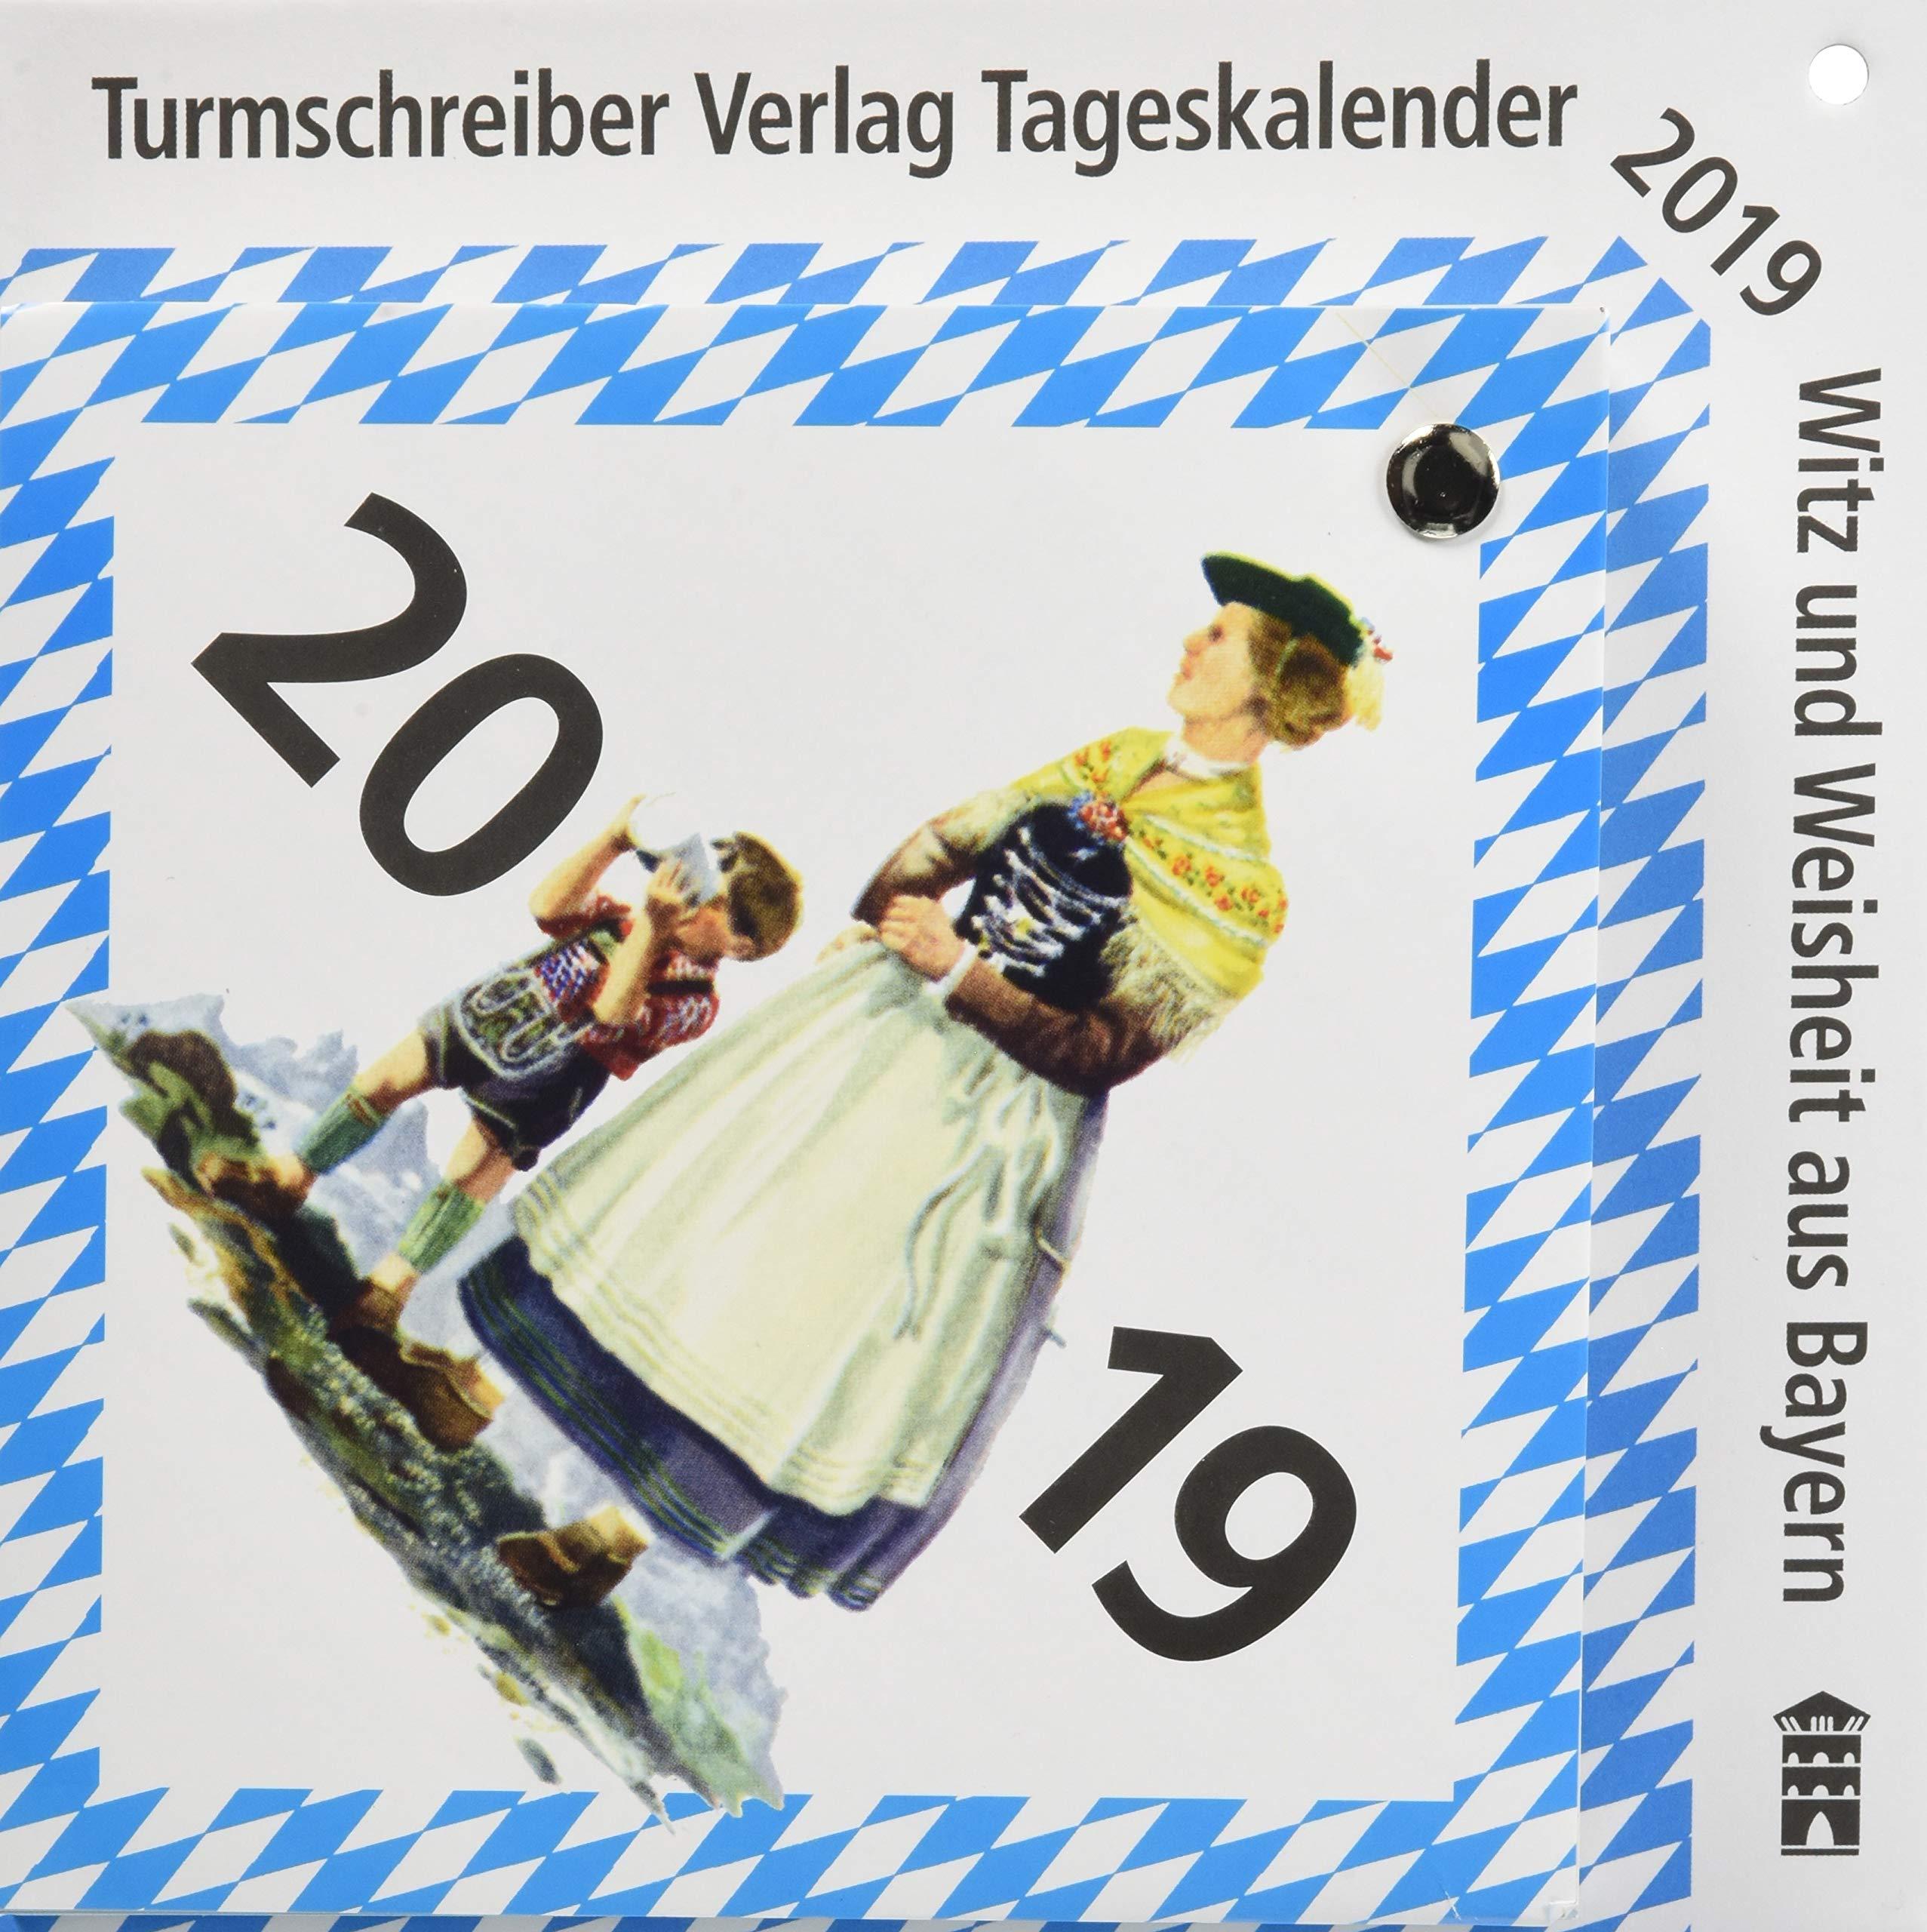 Turmschreiber Tageskalender 2019 Witz Und Weisheit Aus